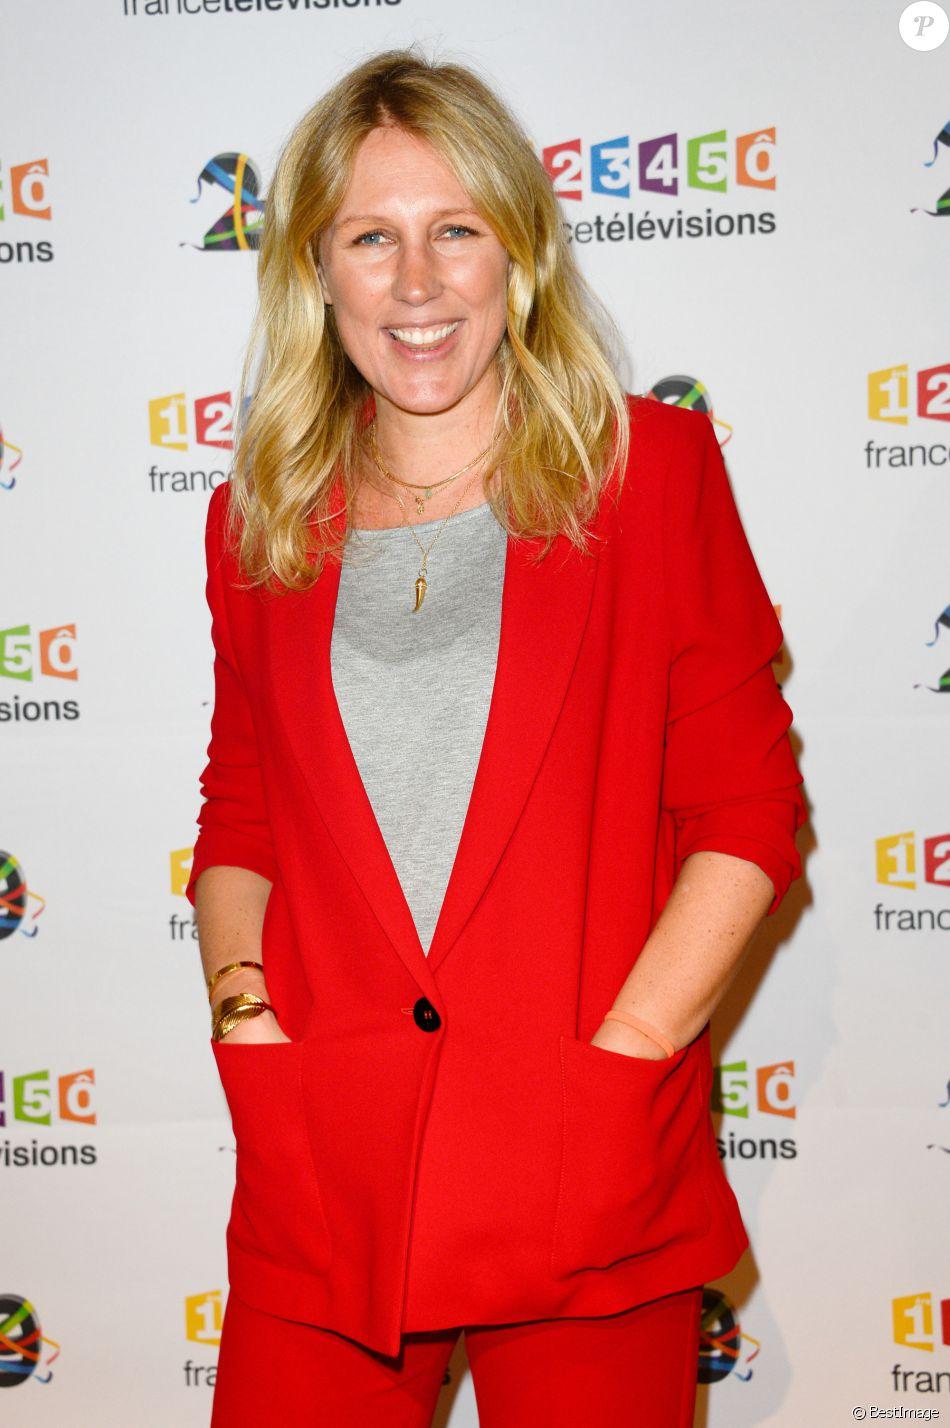 Agathe Lecaron au photocall de France Télévisions, pour la présentation de la nouvelle dynamique 2016-2017, à Paris, le 29 juin 2016. © Guirec Coadic/Bestimage